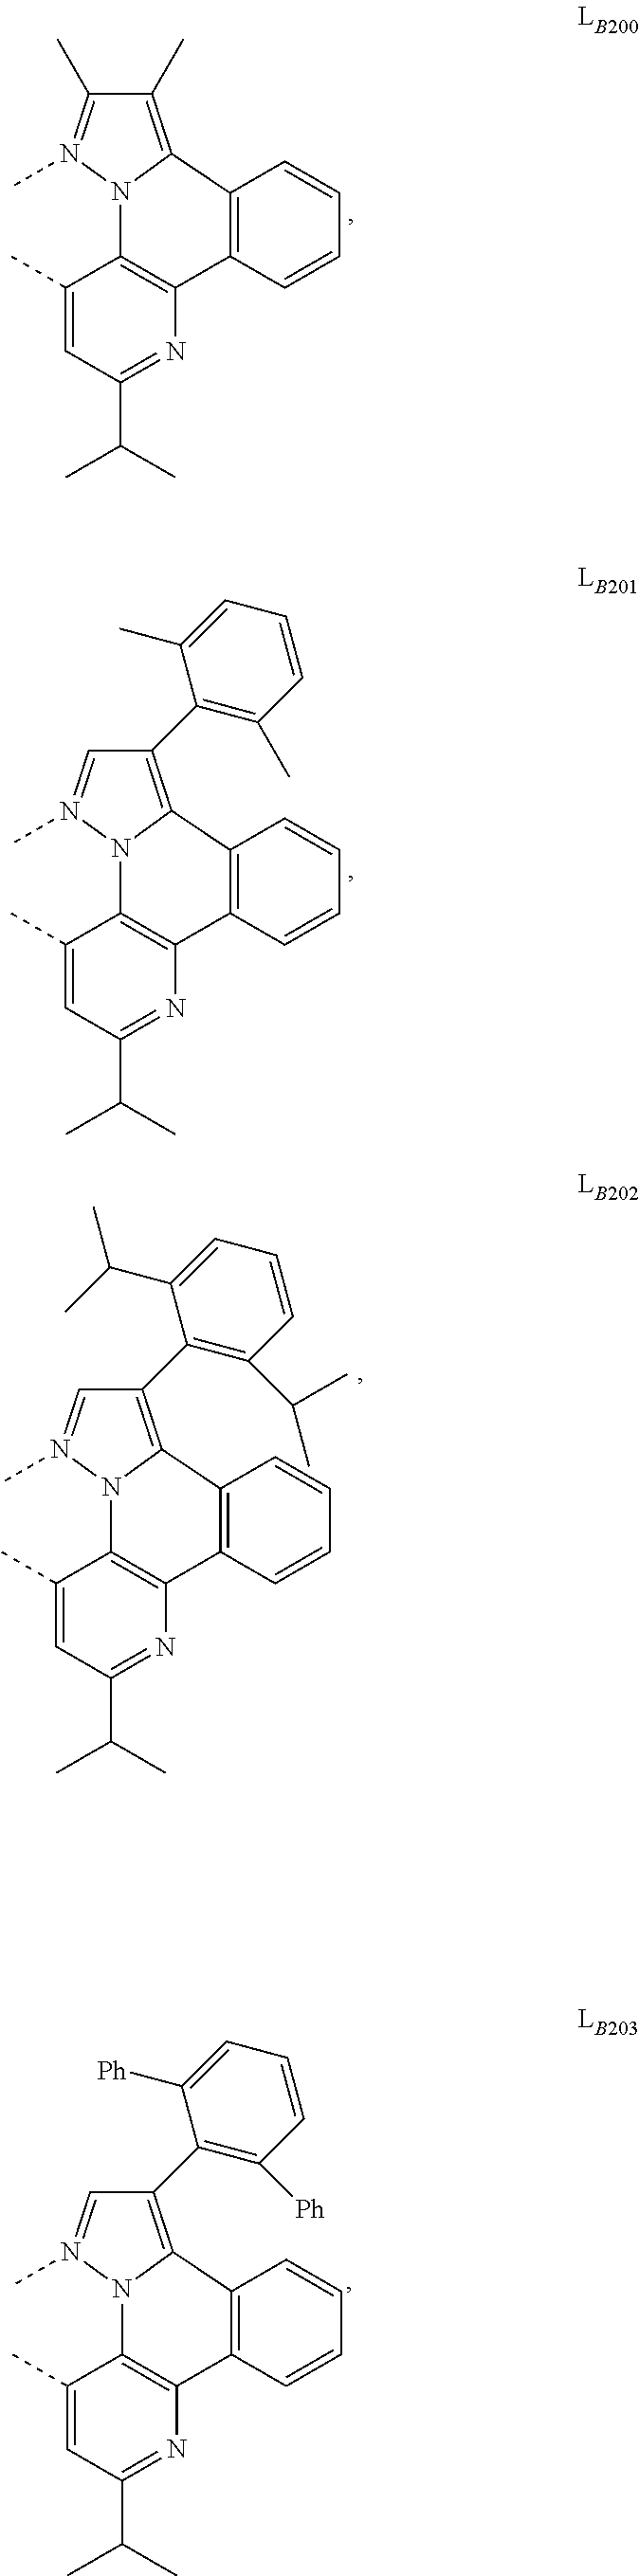 Figure US09905785-20180227-C00149